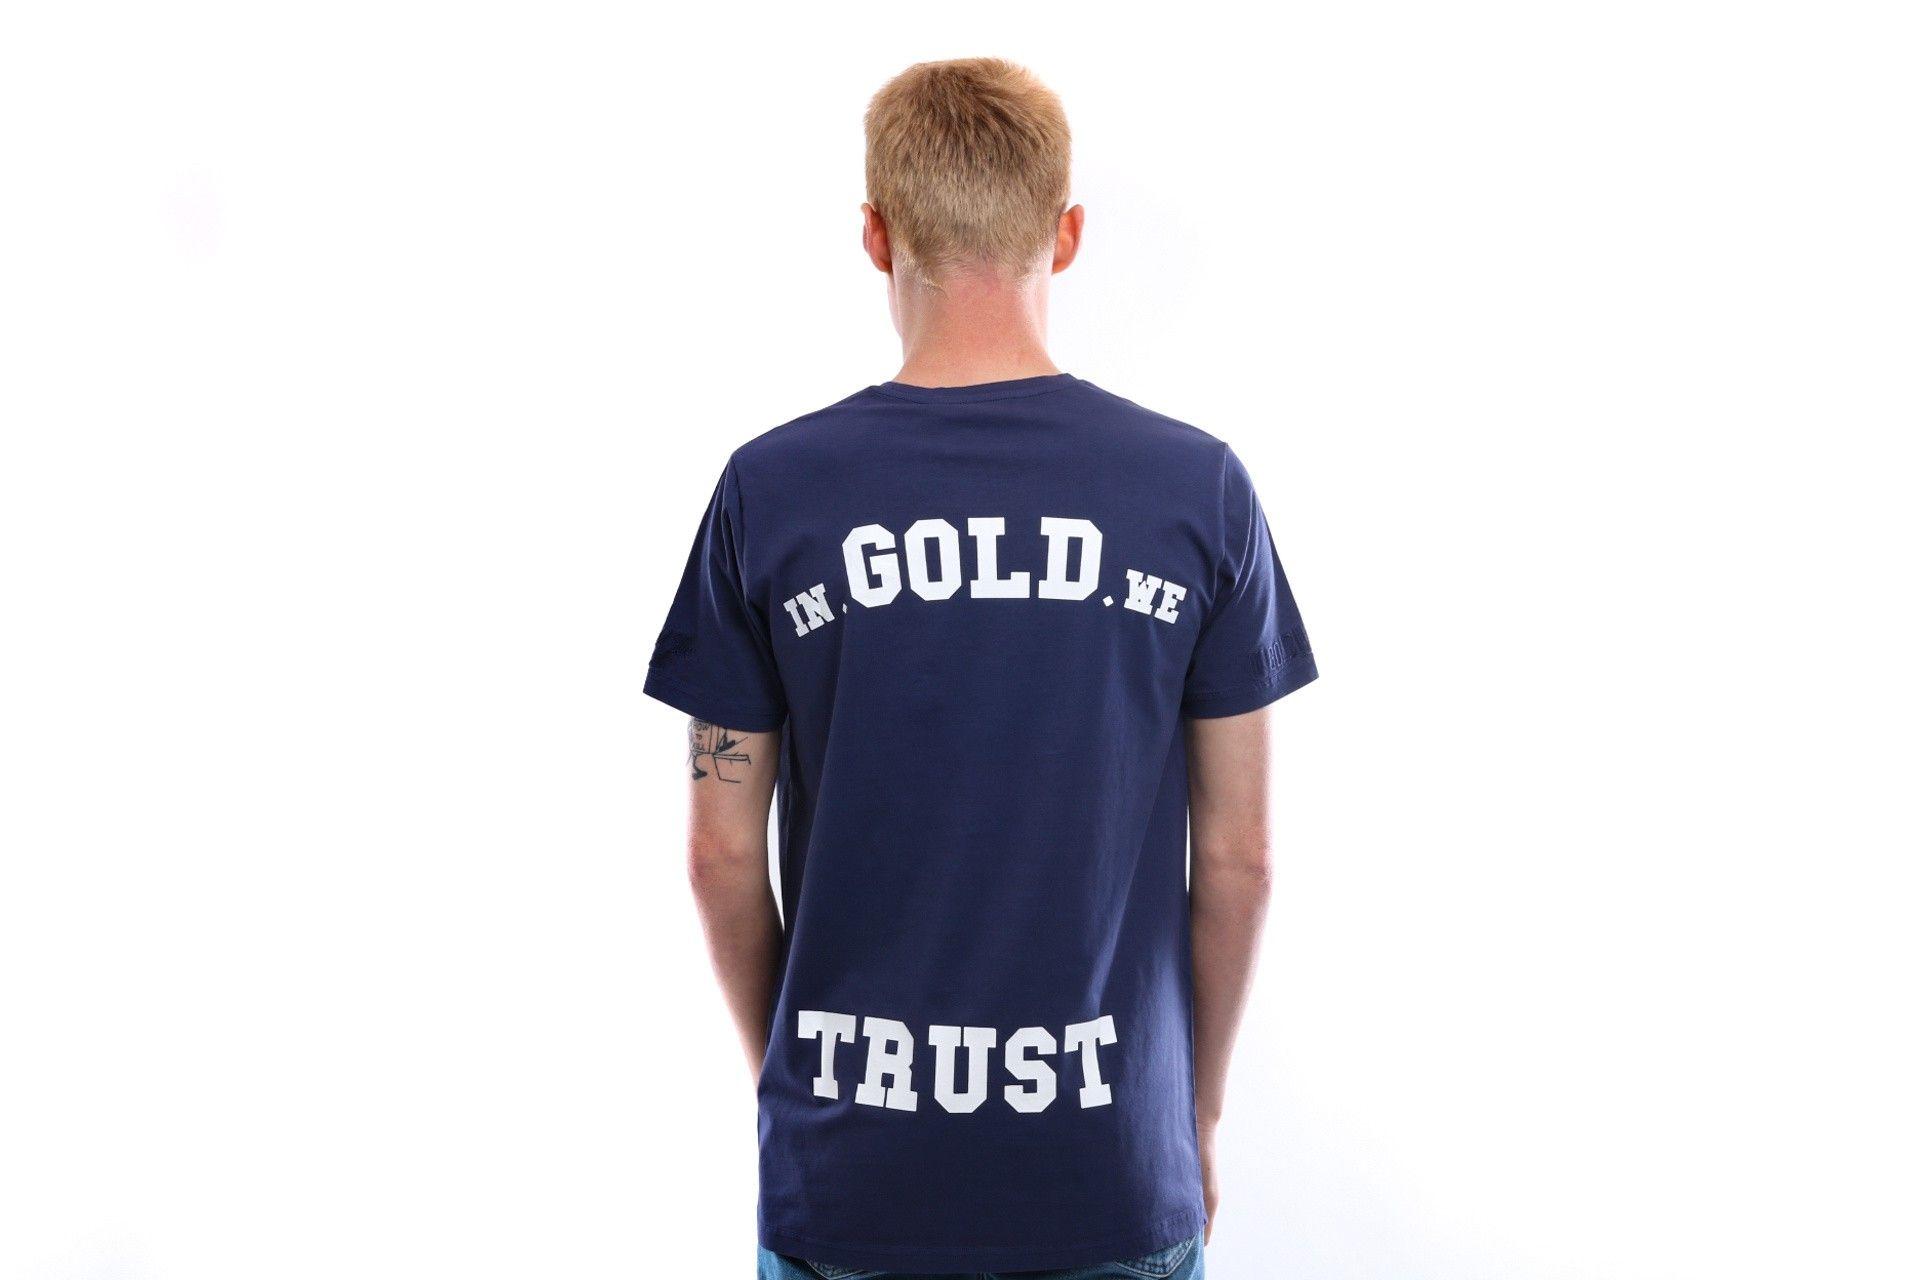 Afbeelding van In Gold We Trust T Shirt Basic Tee Eclipse IGWT-001